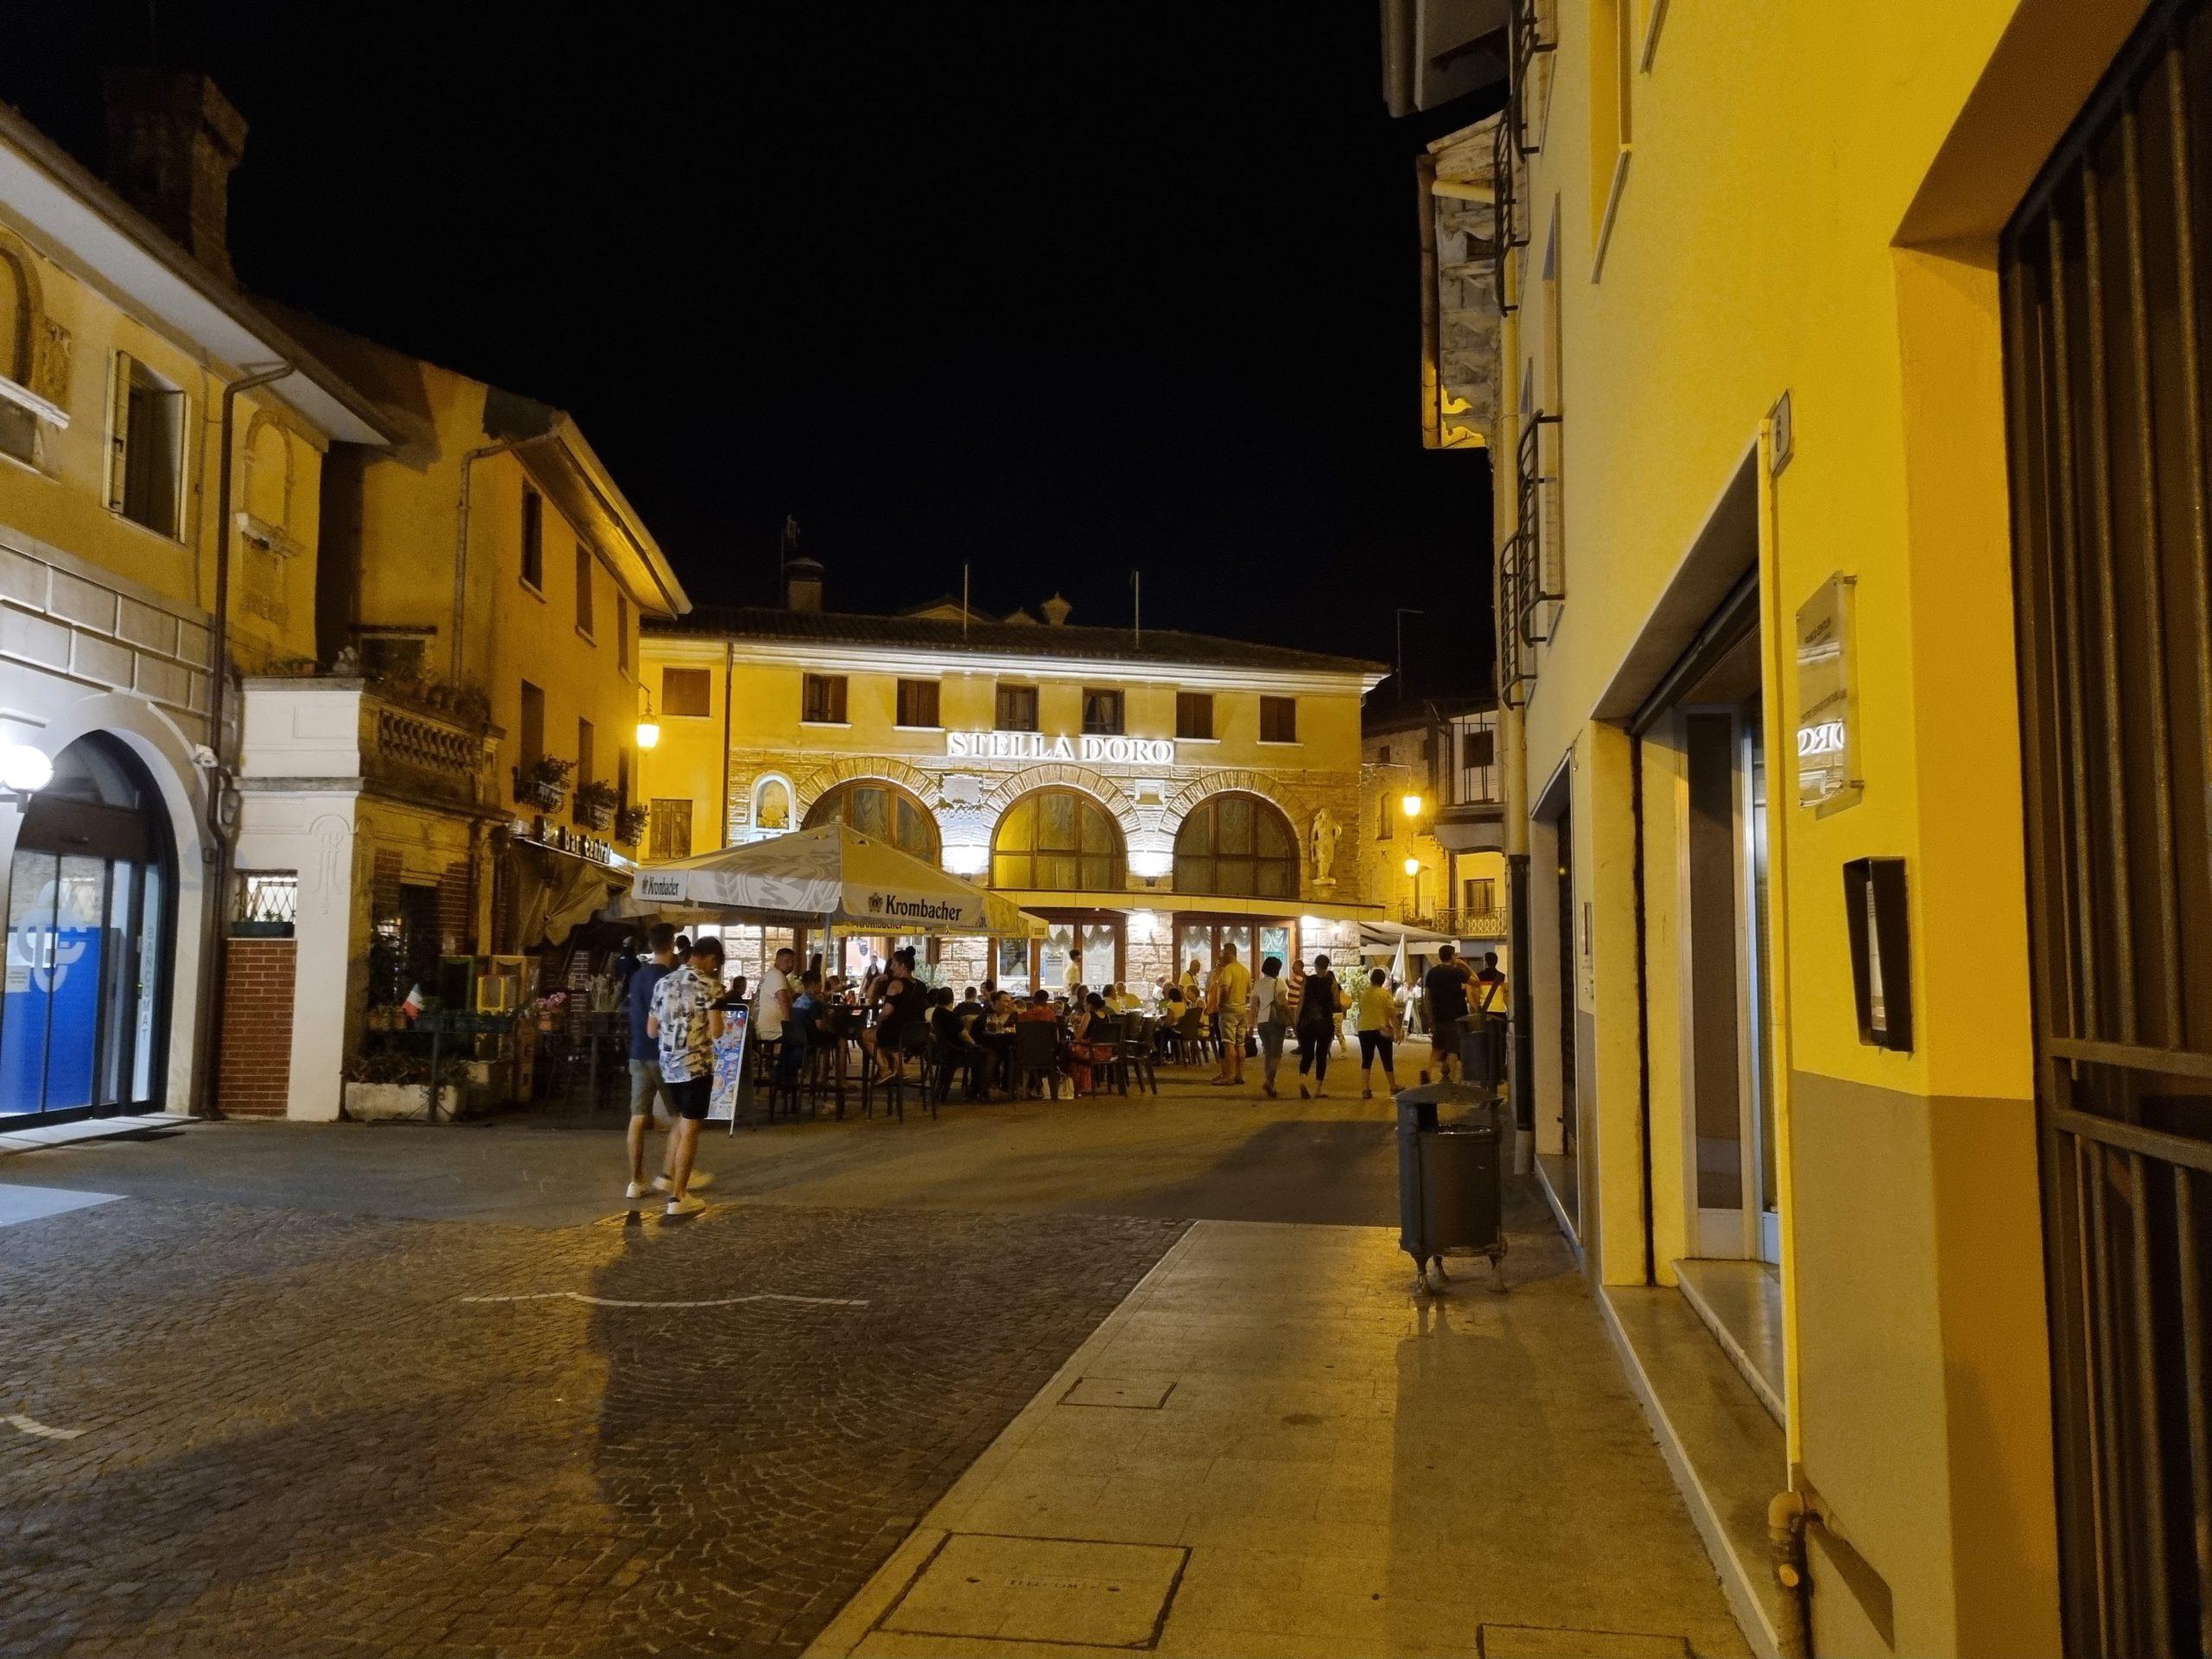 La piazza di Marano Lagunare